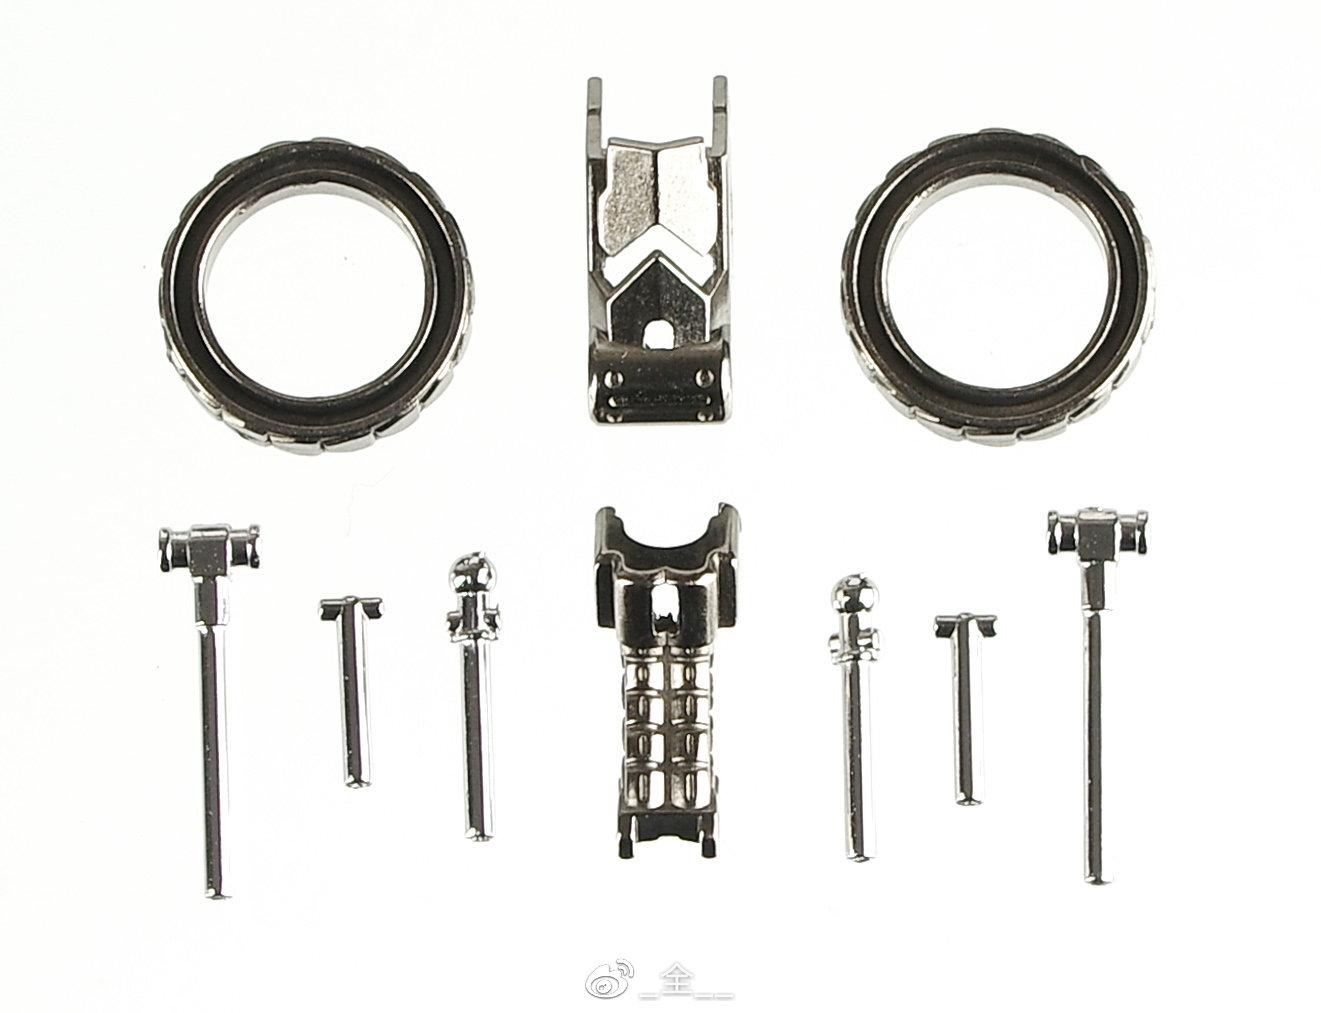 M103_mg_barbatos_metal_frame_parts_set_009_009.jpg